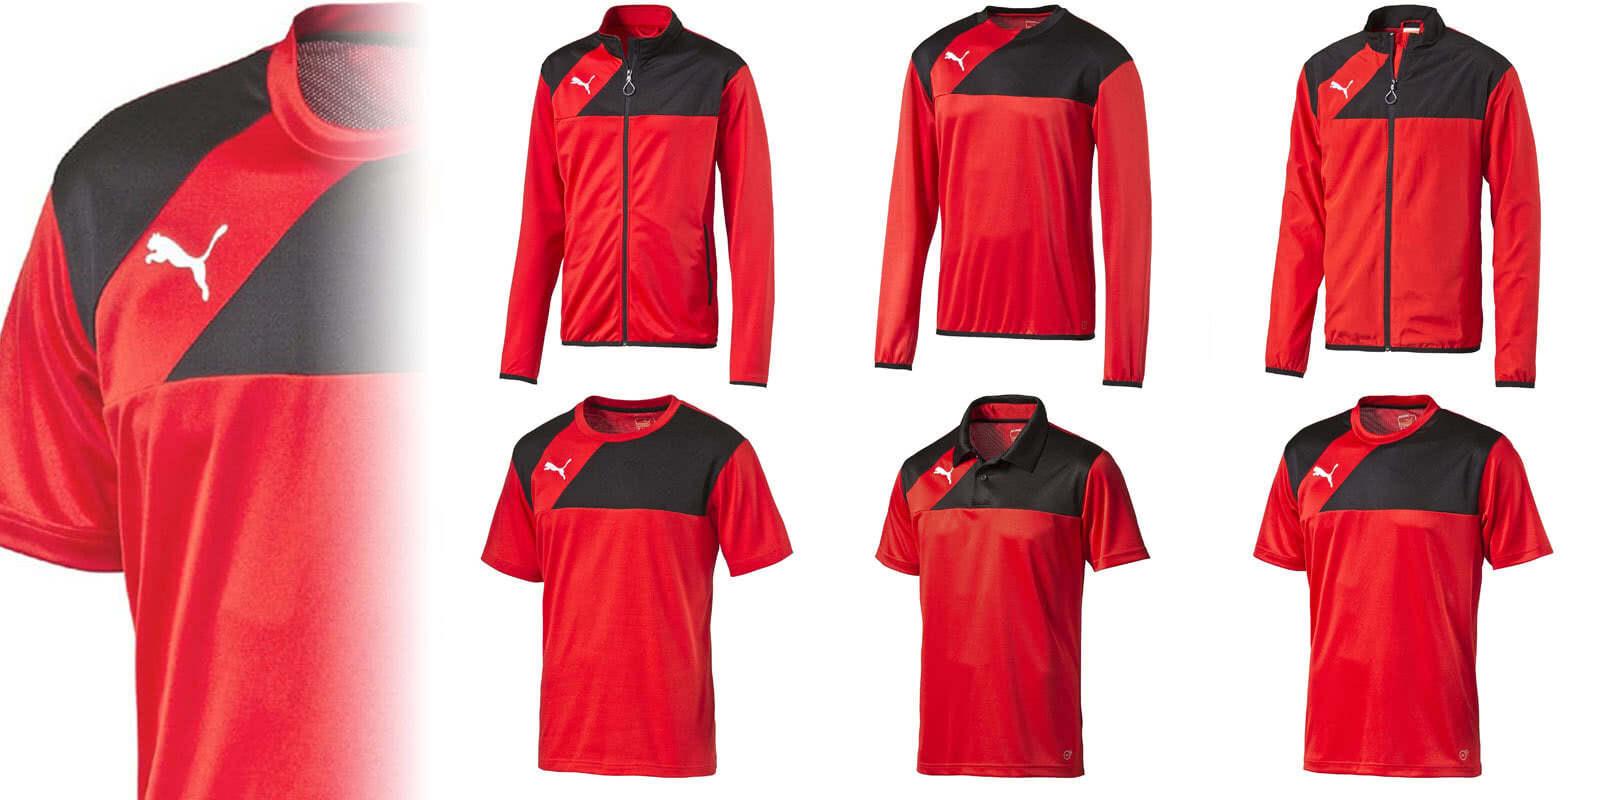 728a000c3c84a Die Die Puma Esquadra Sportbekleidung der Teamline für die Jahre  2015-2016-2017